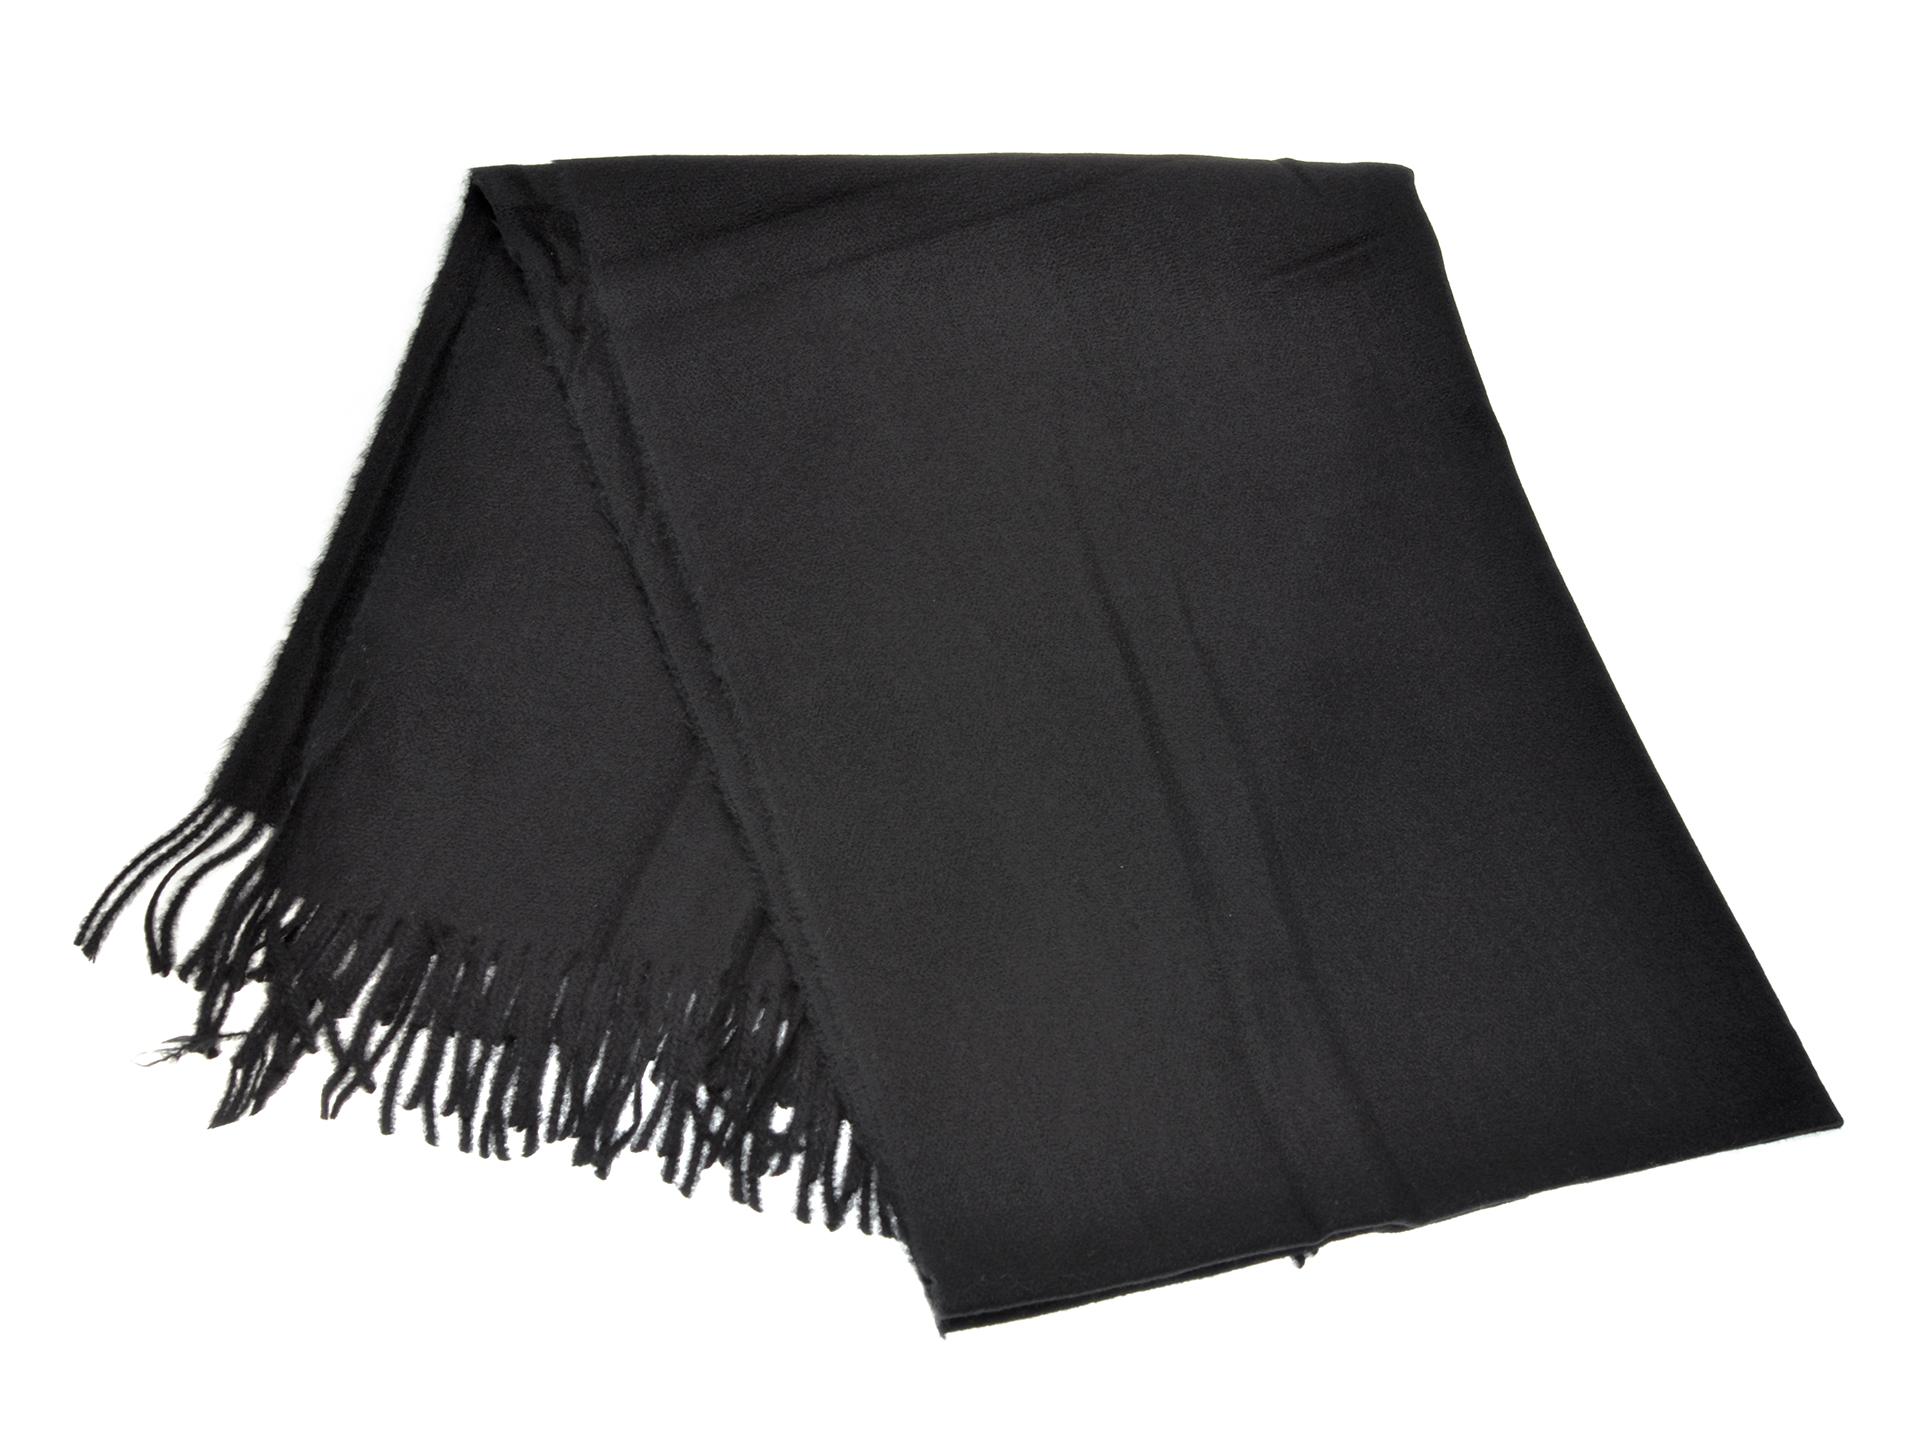 Esarfa GRYXX neagra, 379, din material textil imagine otter.ro 2021